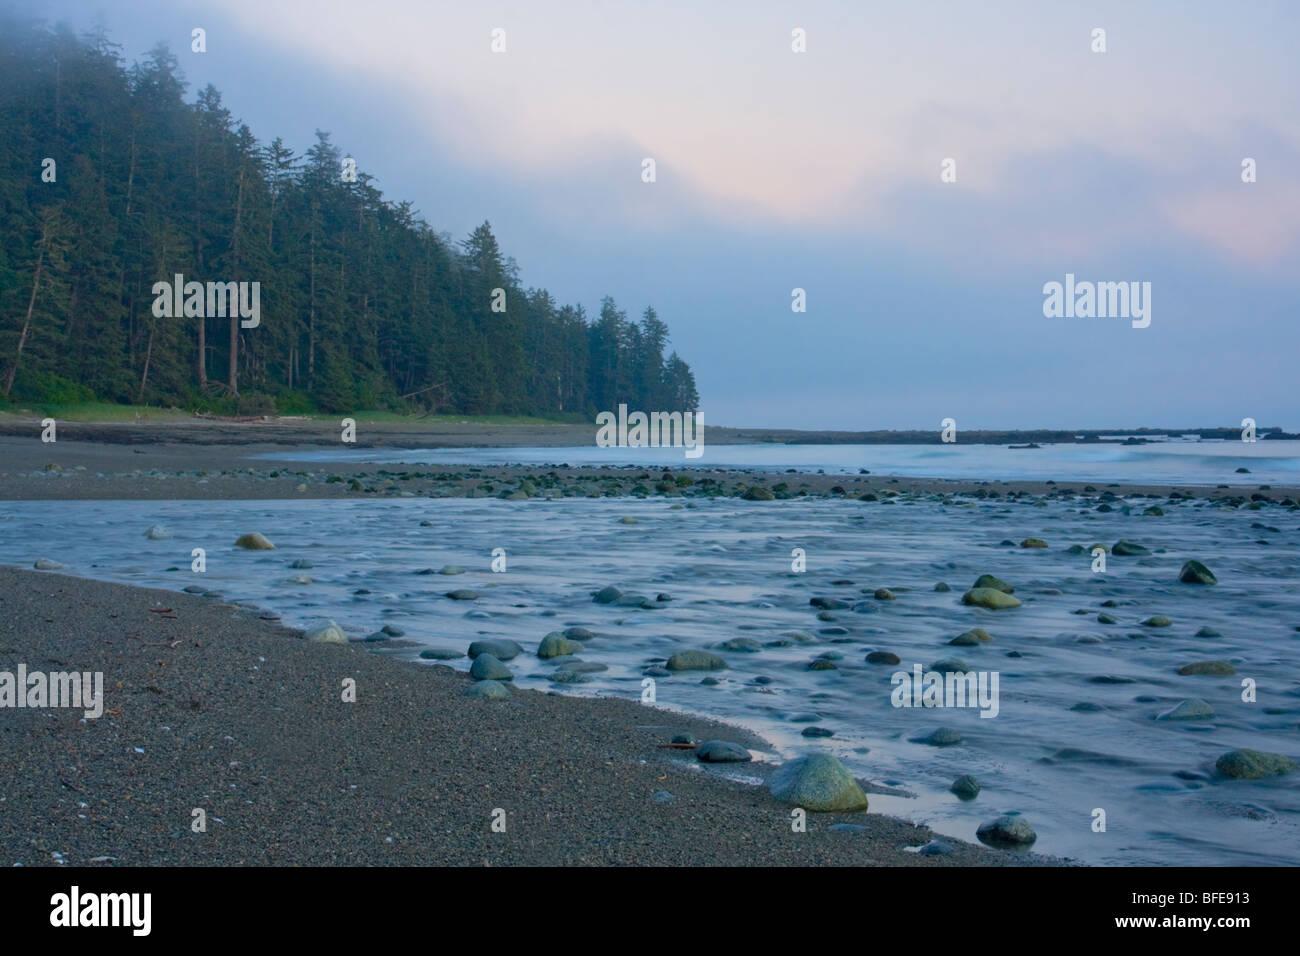 La spiaggia lungo la West Coast Trail sull'Isola di Vancouver, British Columbia, Canada Immagini Stock